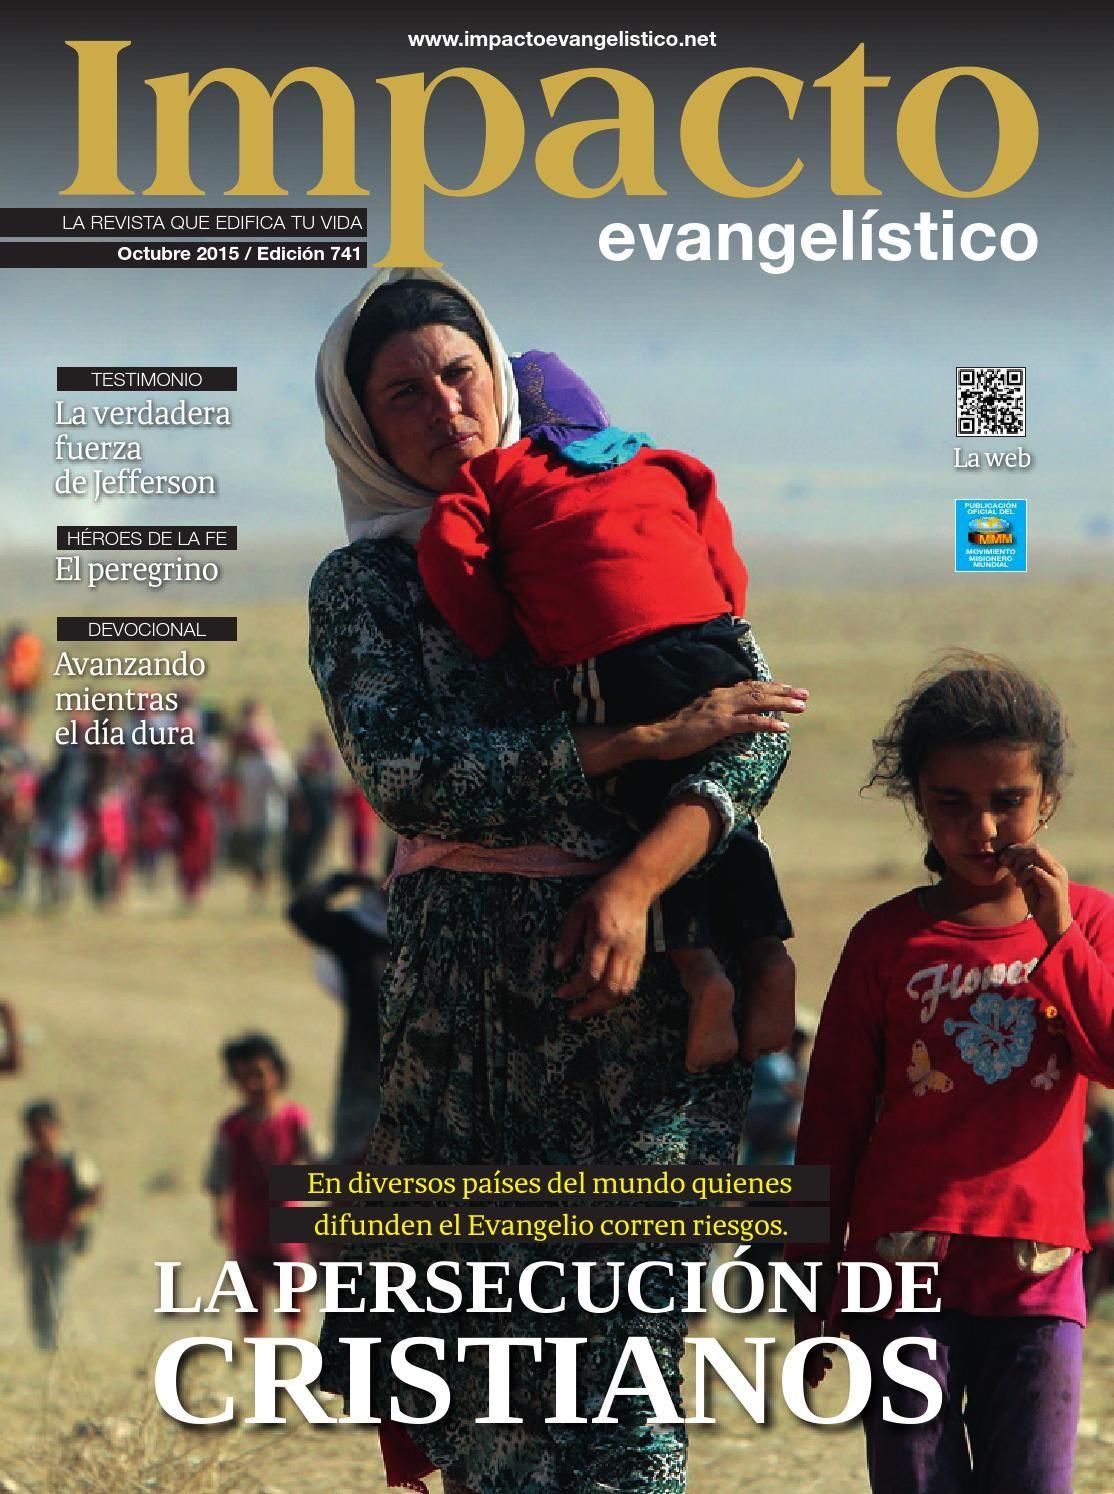 Revista Impacto Evangelistico  Edición Octubre 2015 Idioma Español